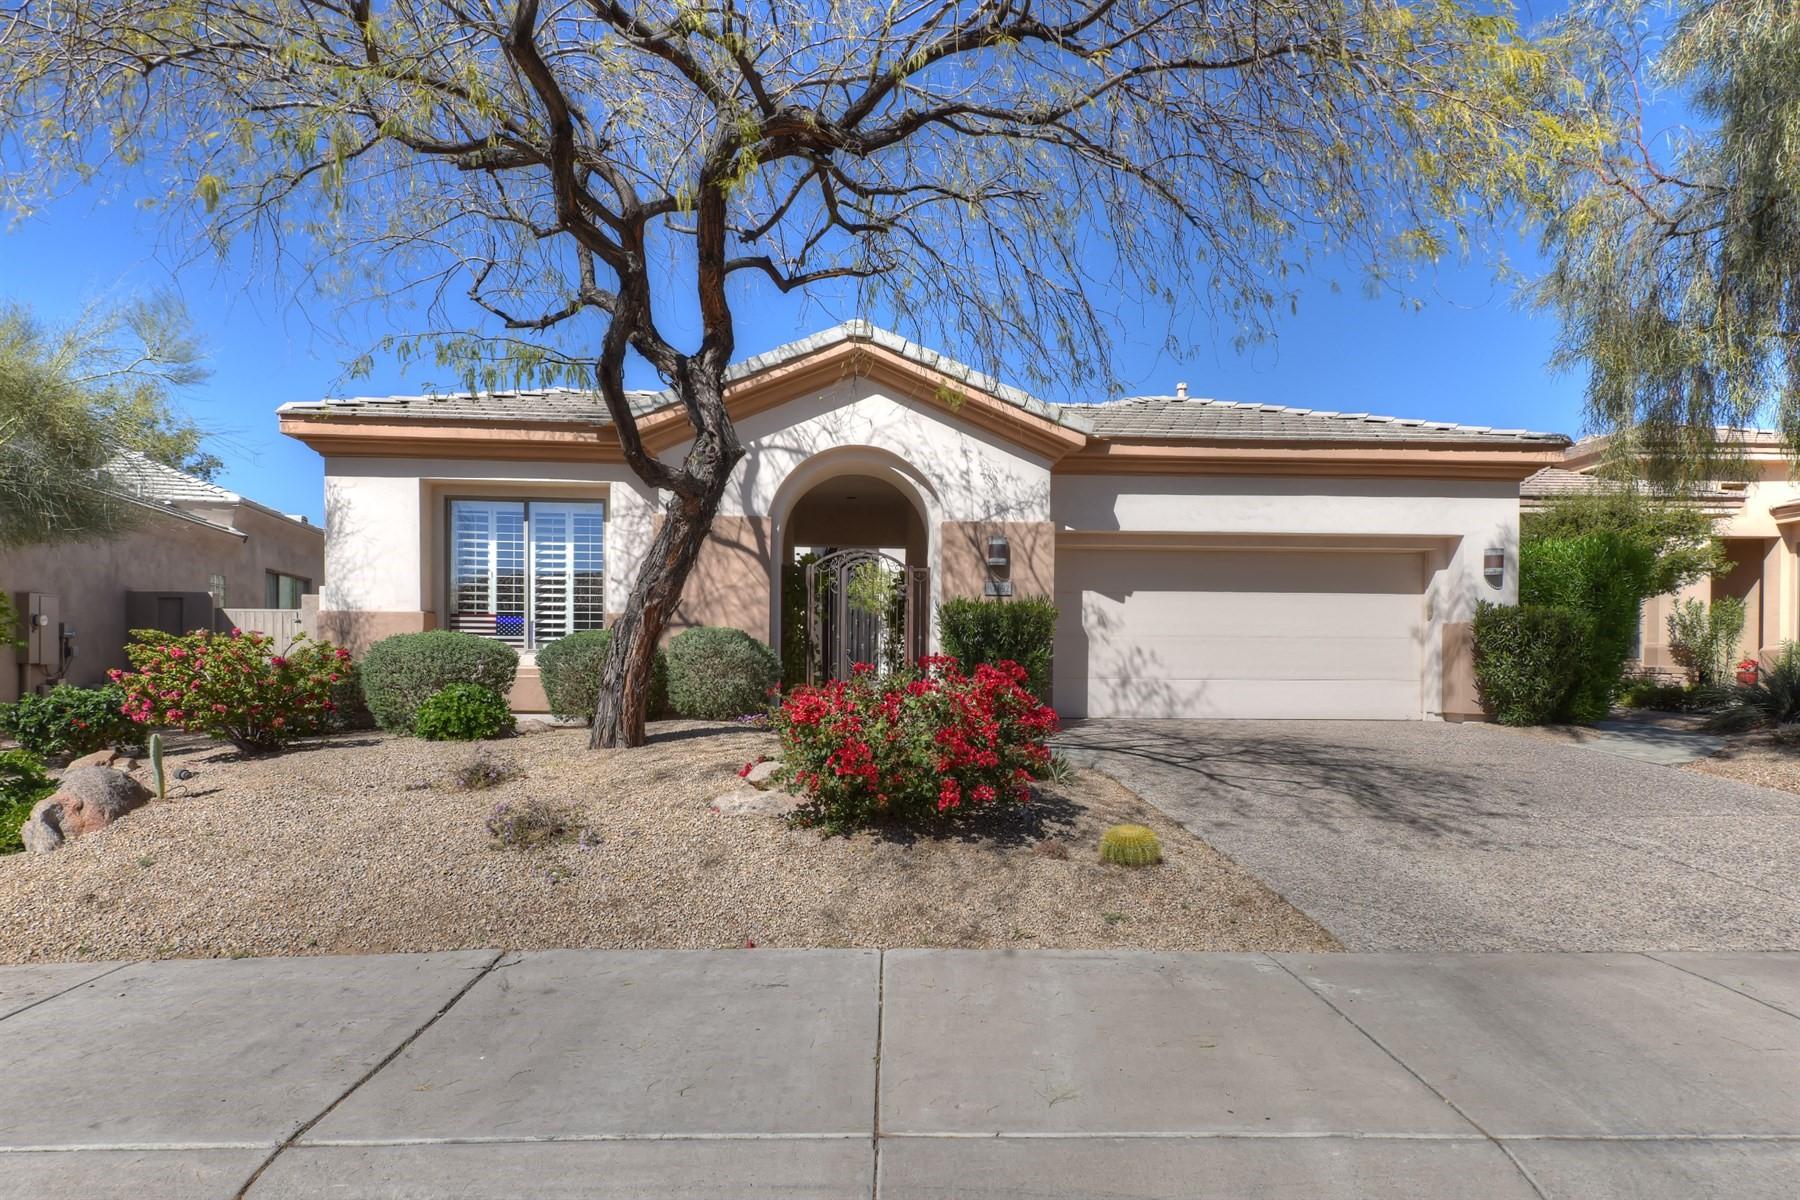 一戸建て のために 売買 アット Lovely home Sevilla model home in Halcon Villas 7692 E Whistling Wind Way Scottsdale, アリゾナ, 85255 アメリカ合衆国